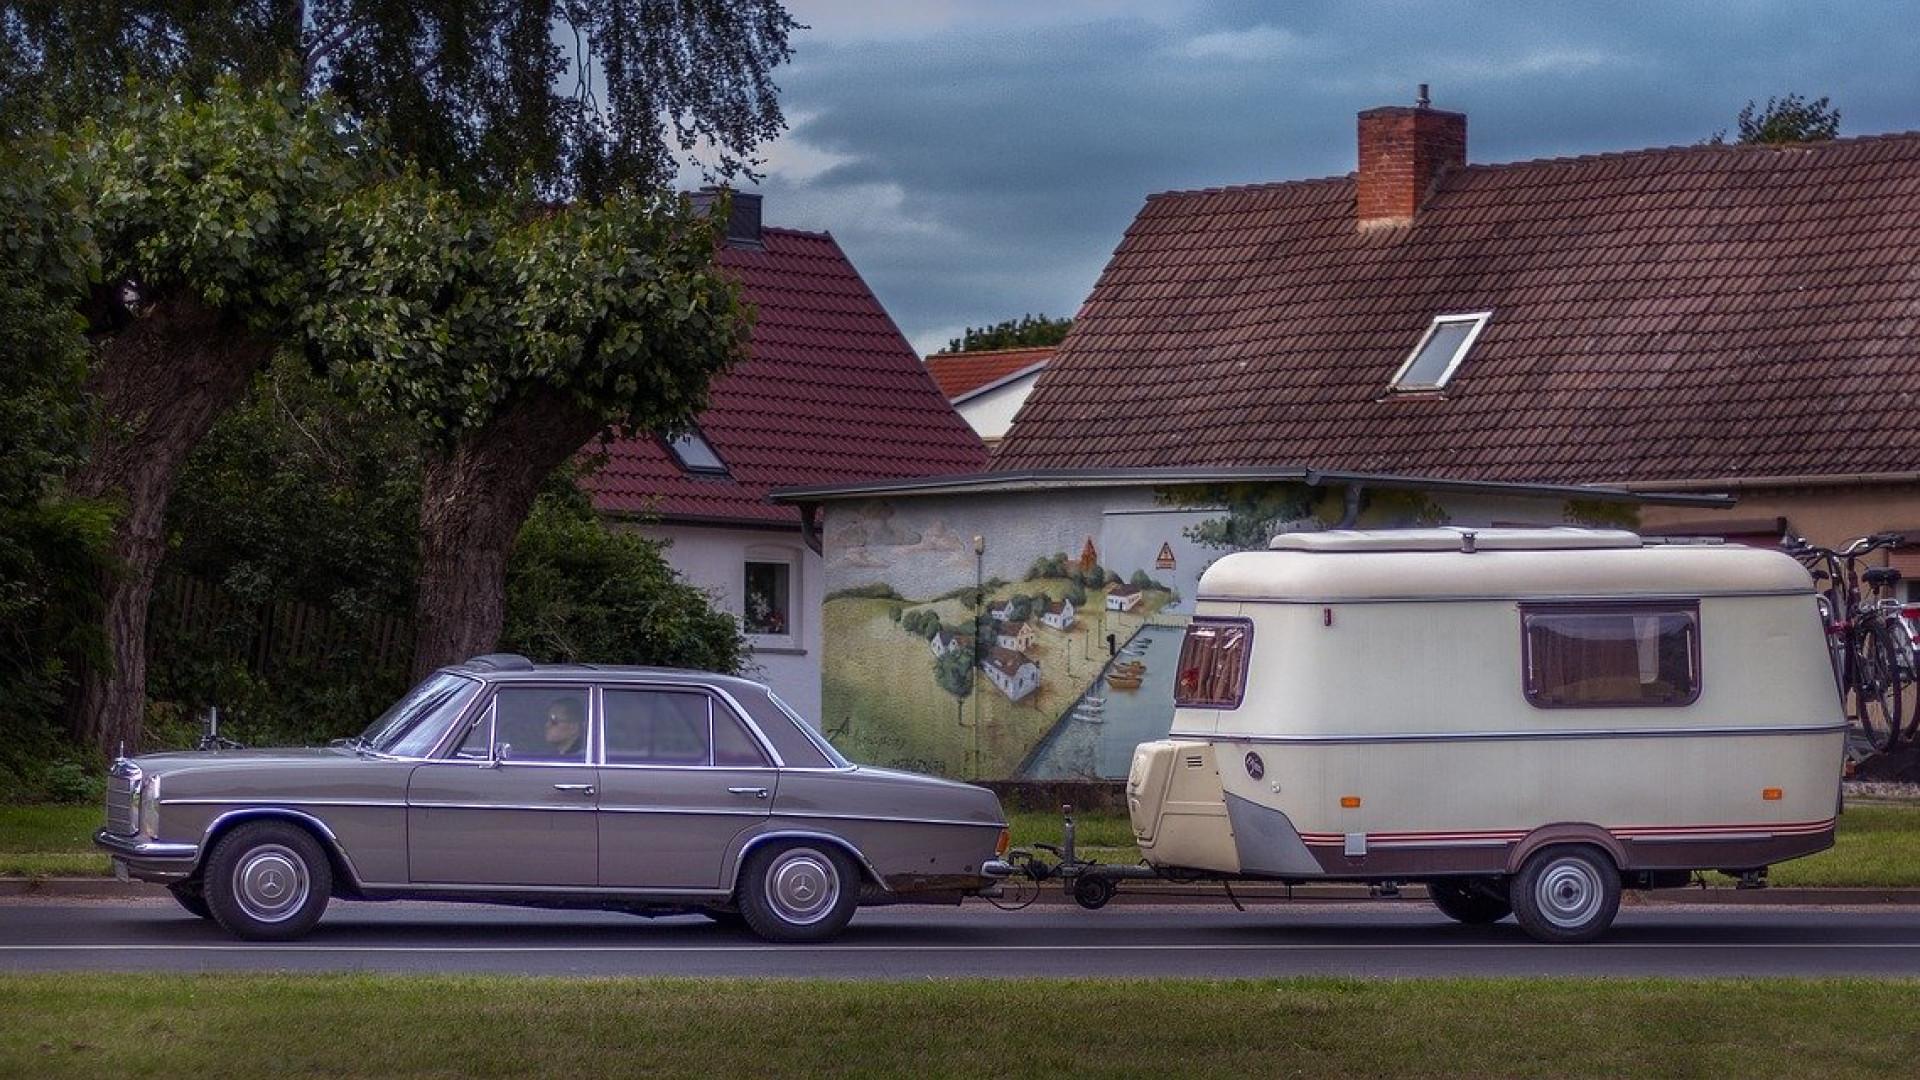 Comment organiser un voyage en camping car